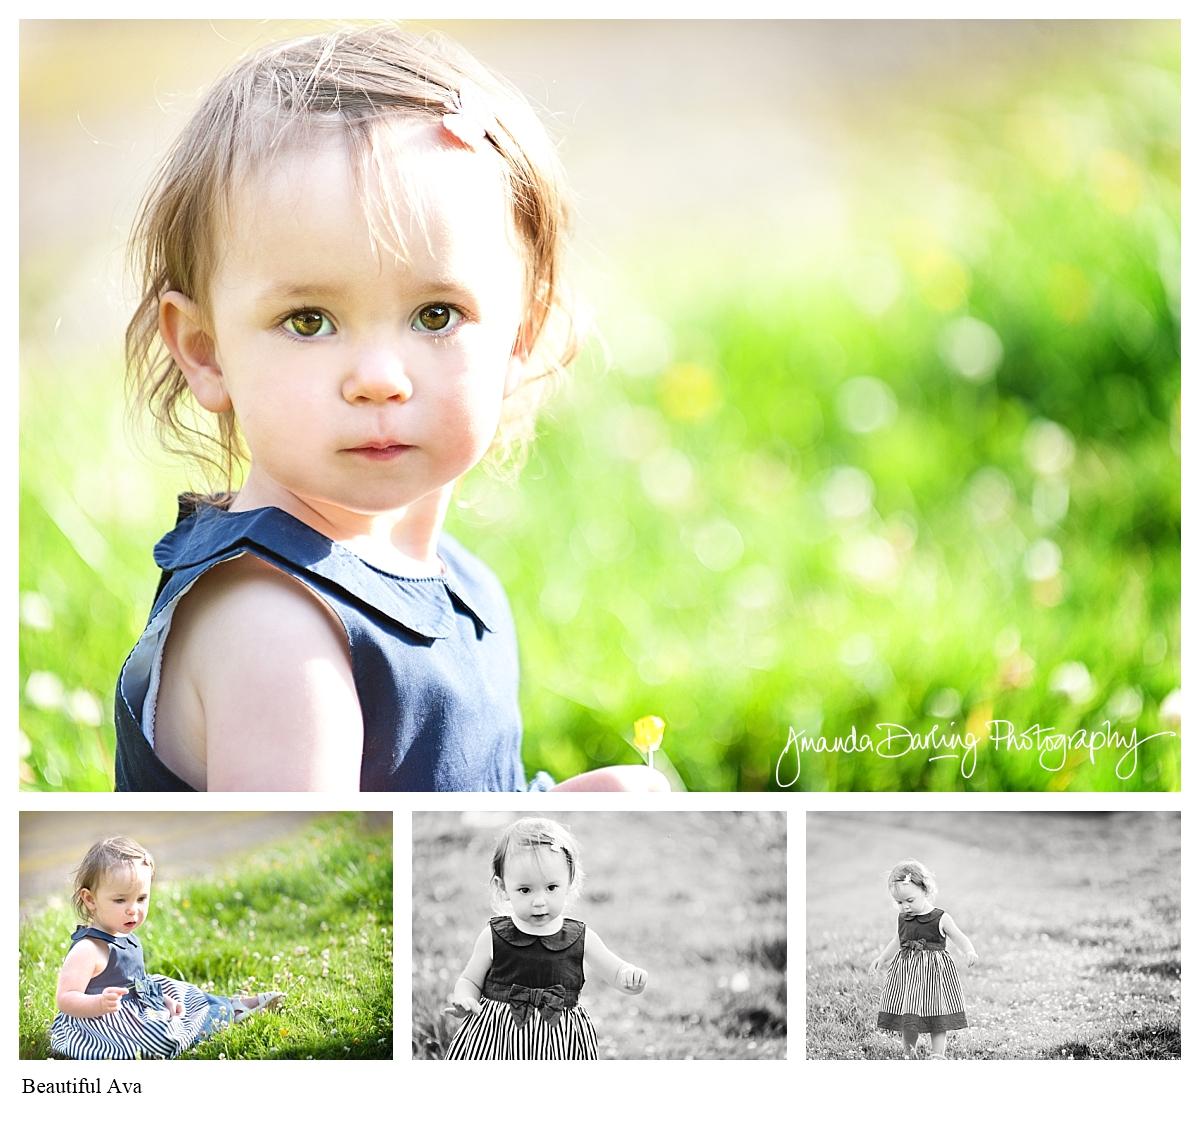 Relaxed-natural-family-photography-surrey-amanda-darling